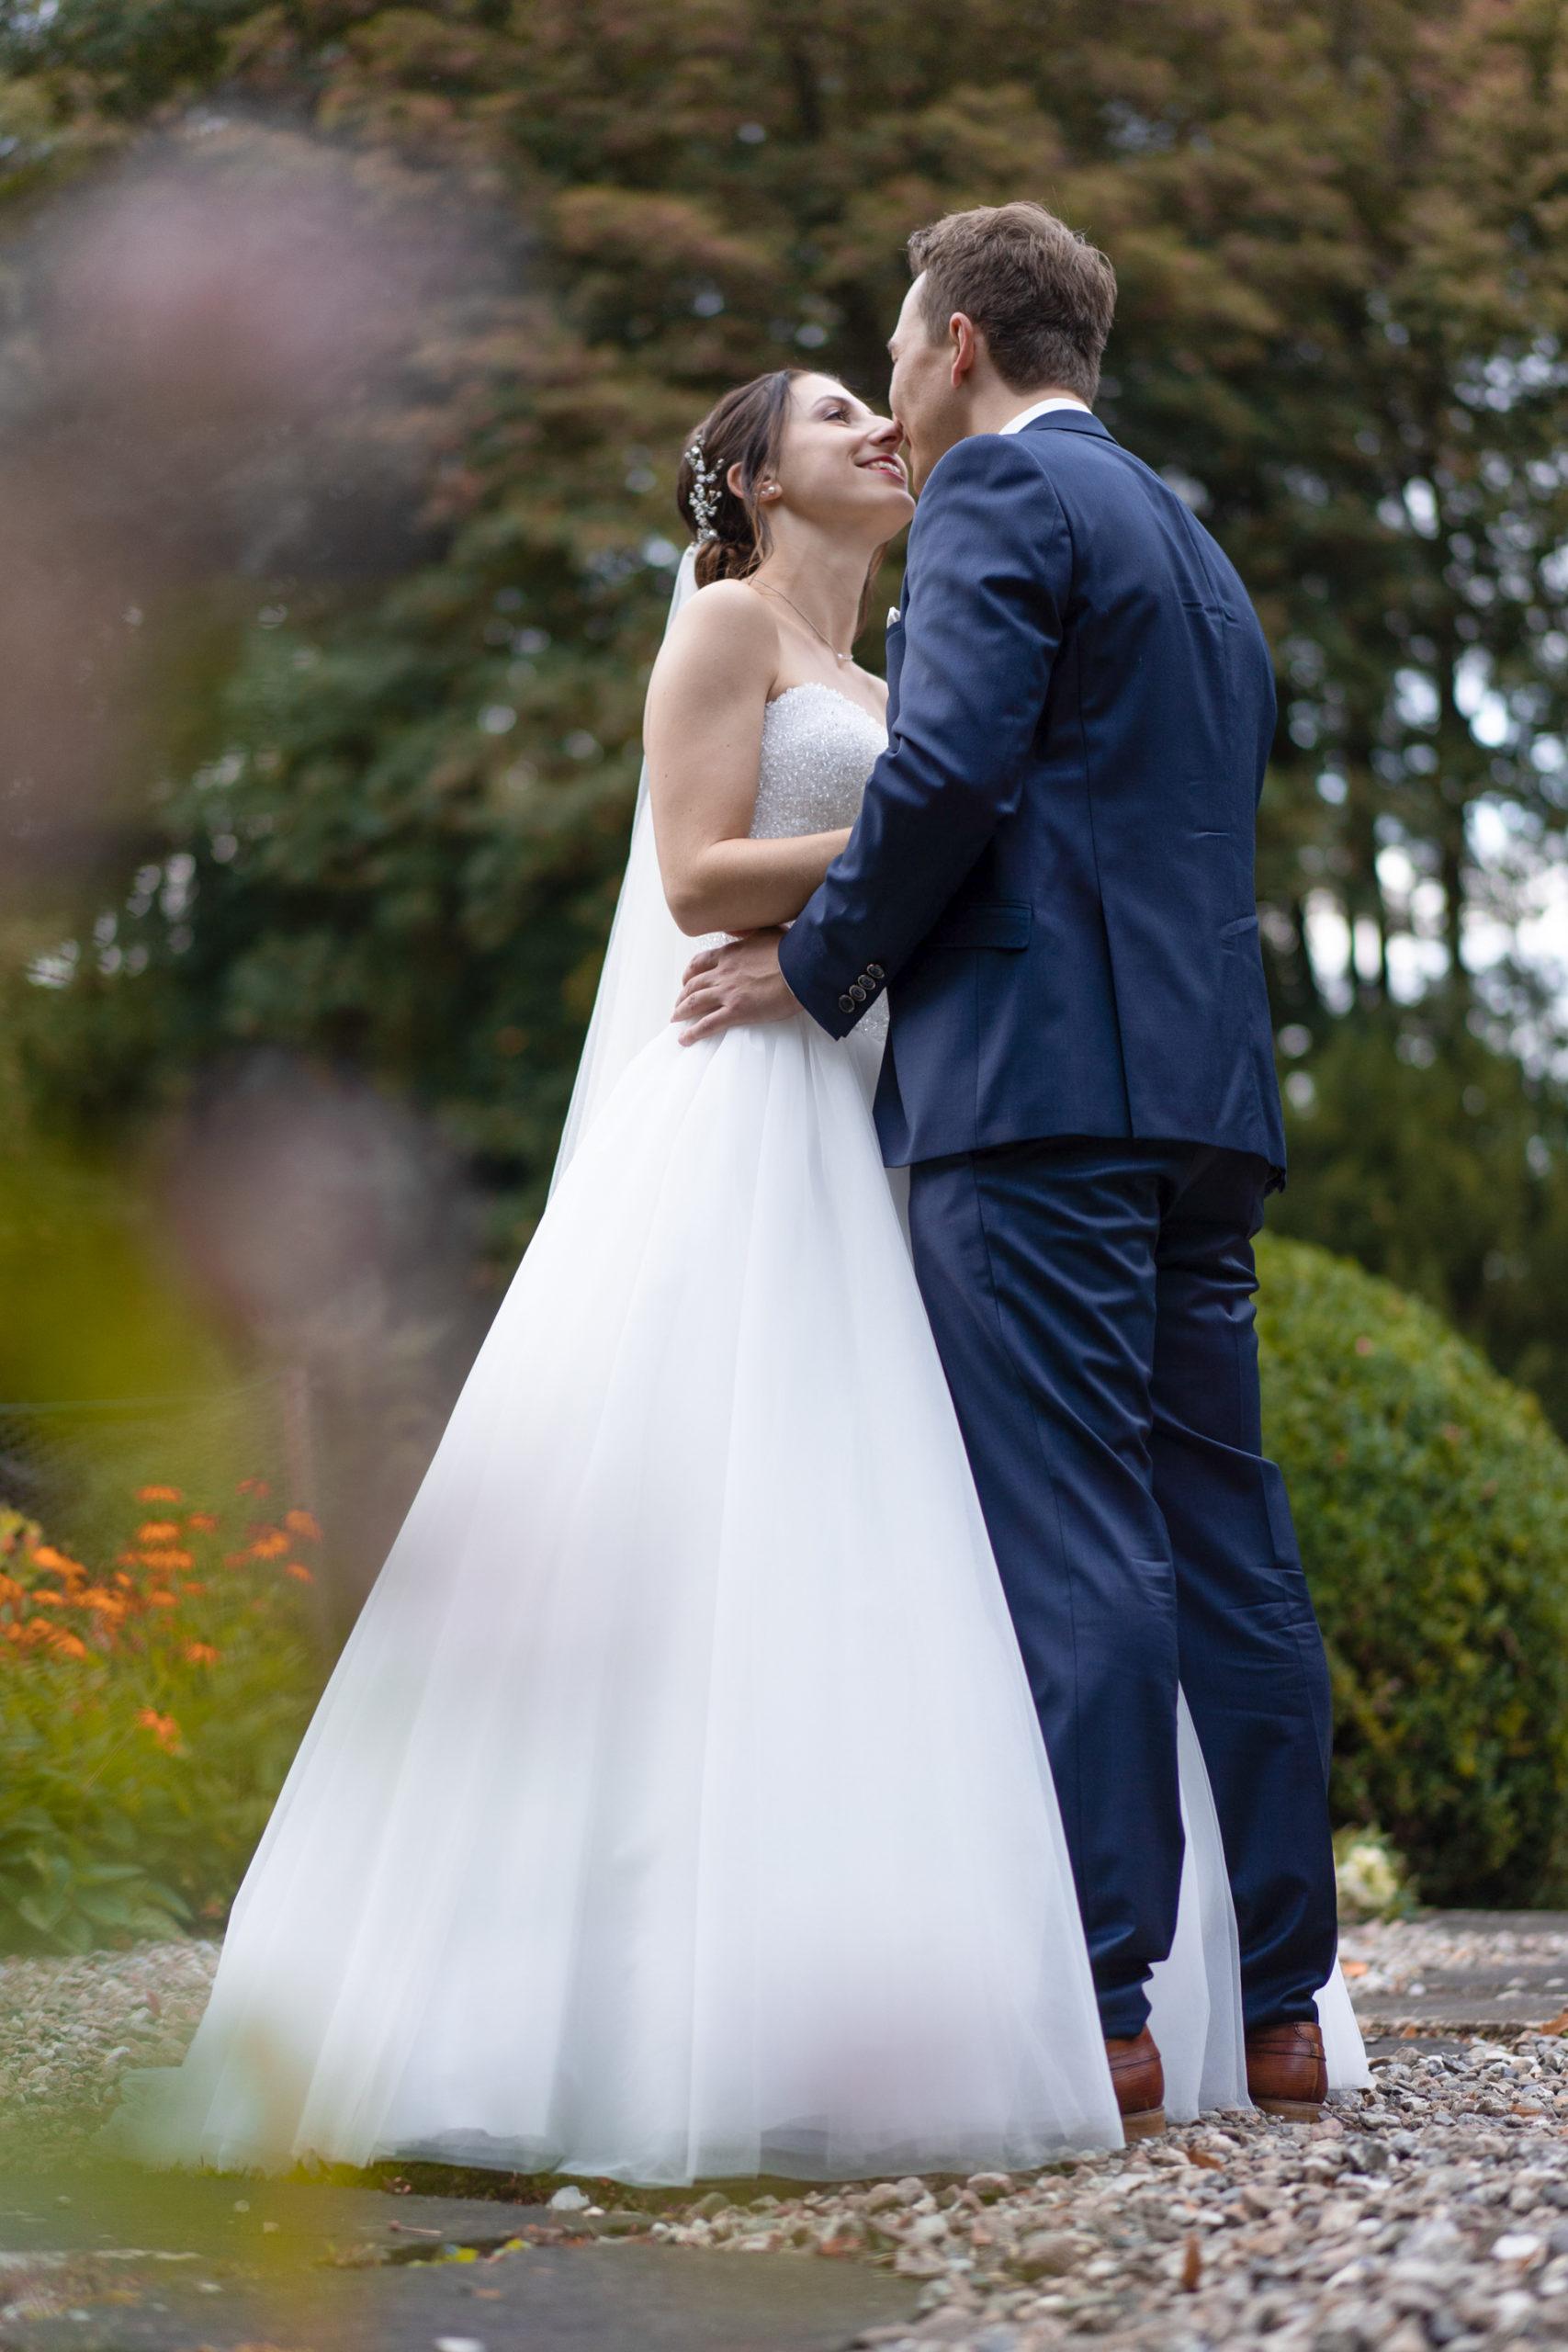 Hochzeitsfilm, Hochzeitsfotografie, Herbsthochzeit, Brautkleid, Brautstrauß